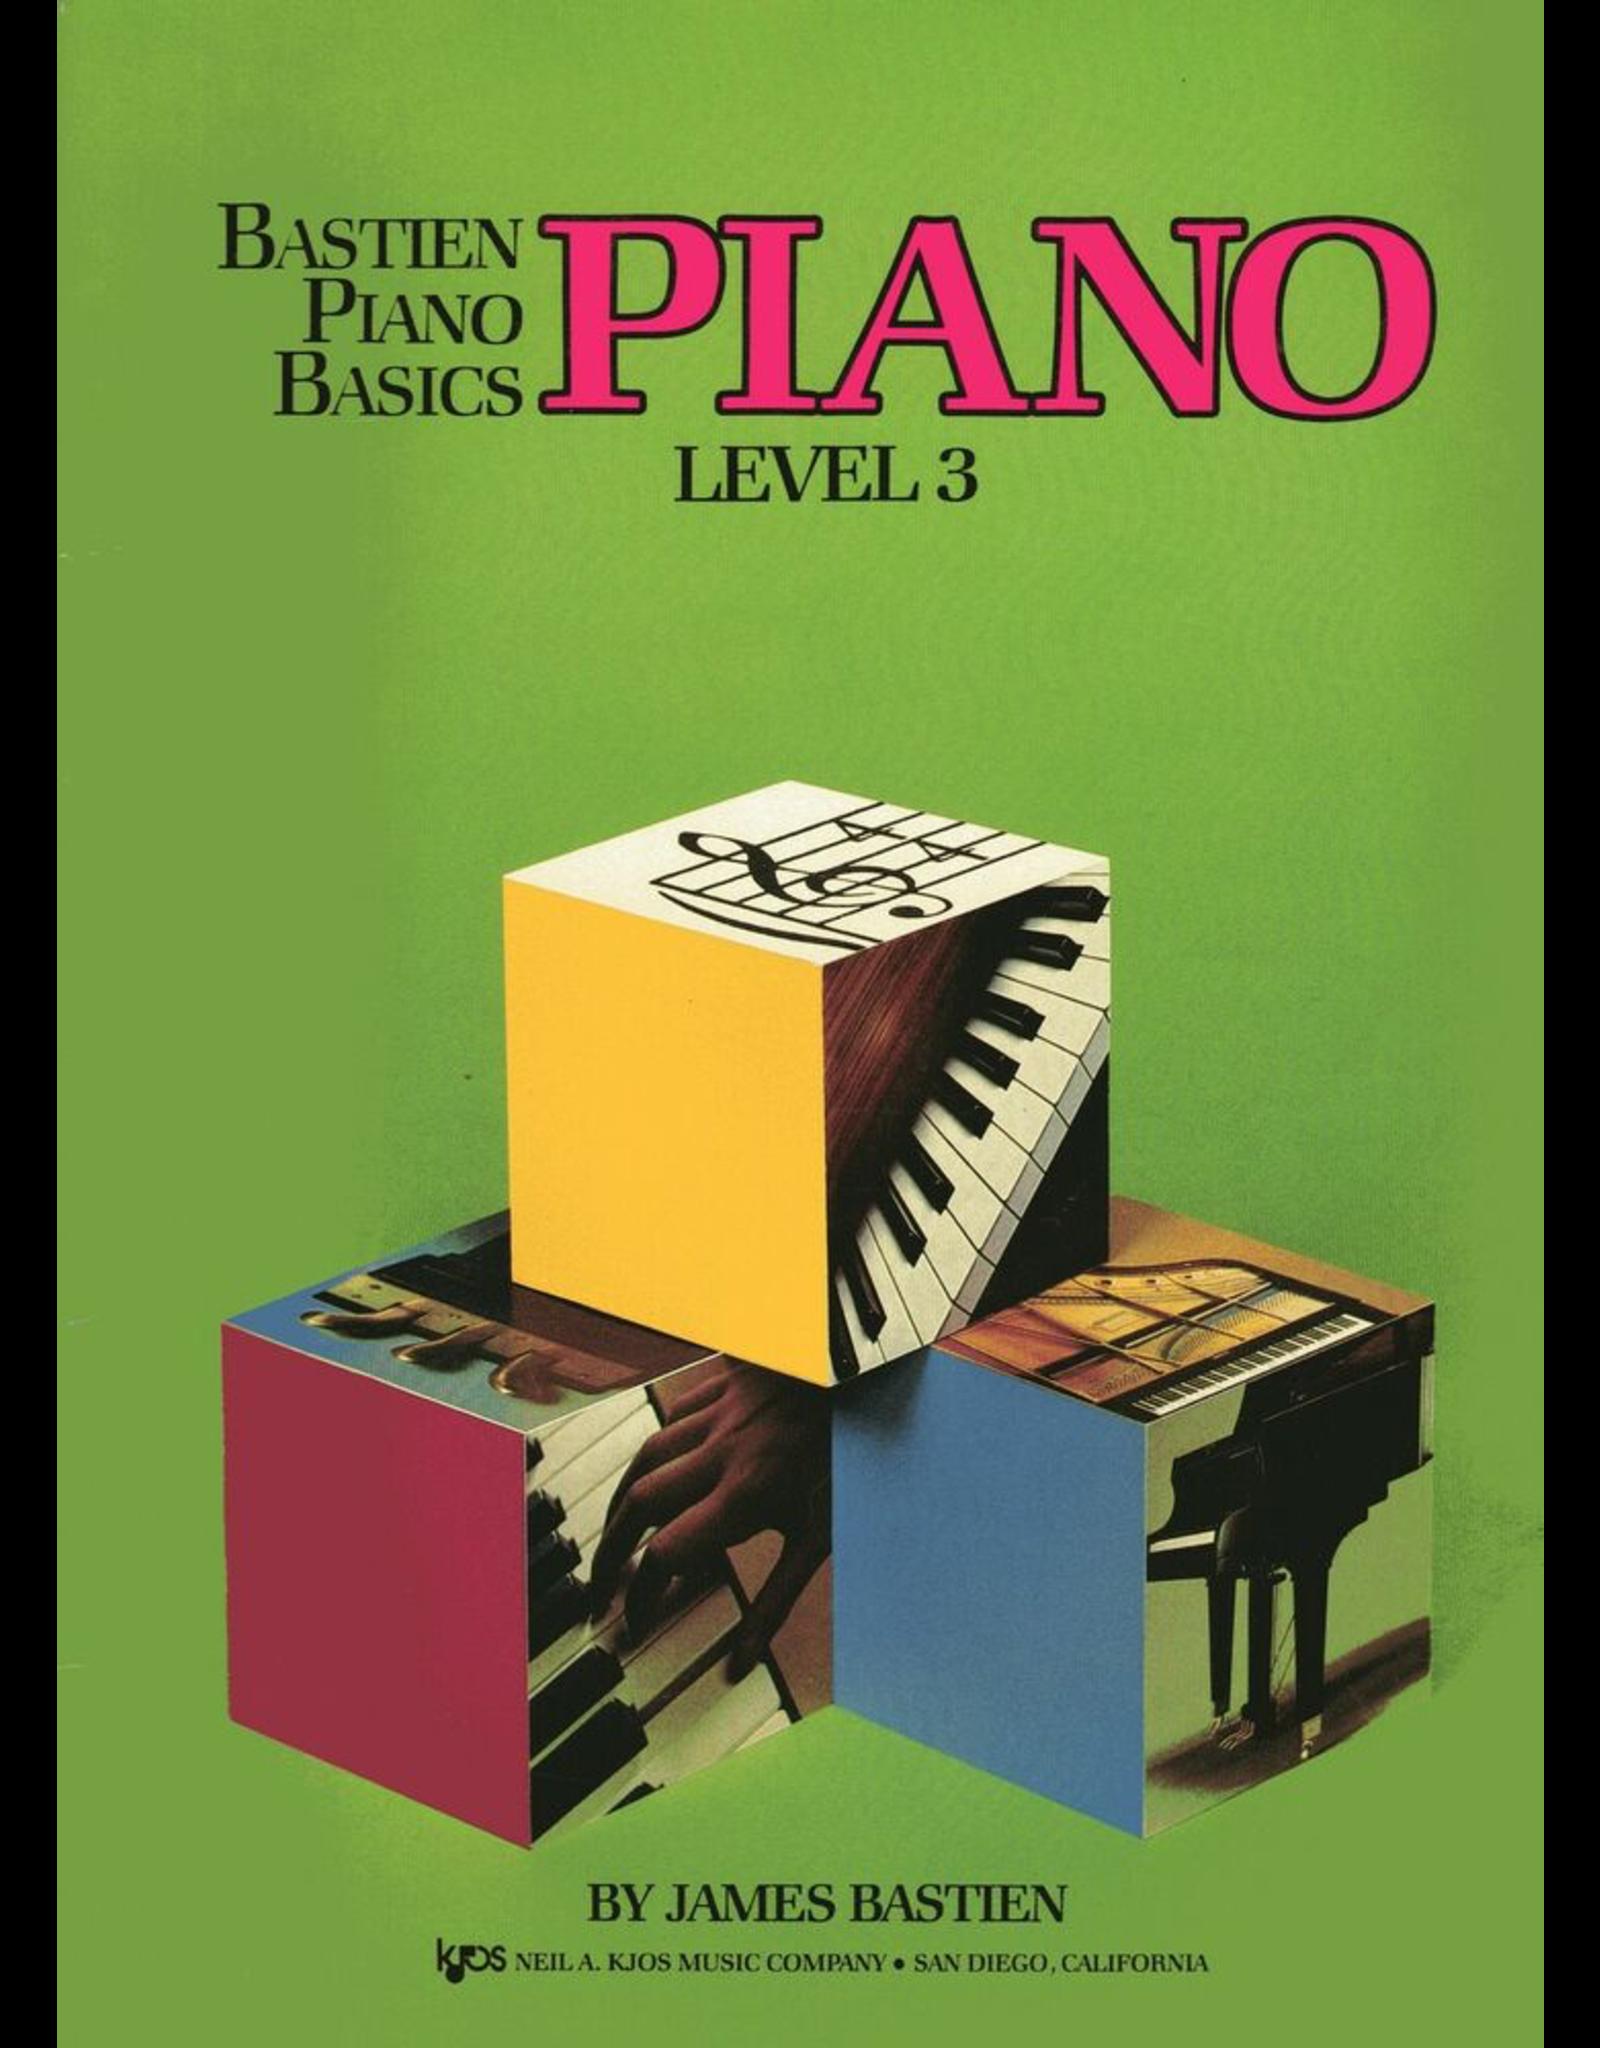 Kjos Bastien Piano Basics, Piano Level 3